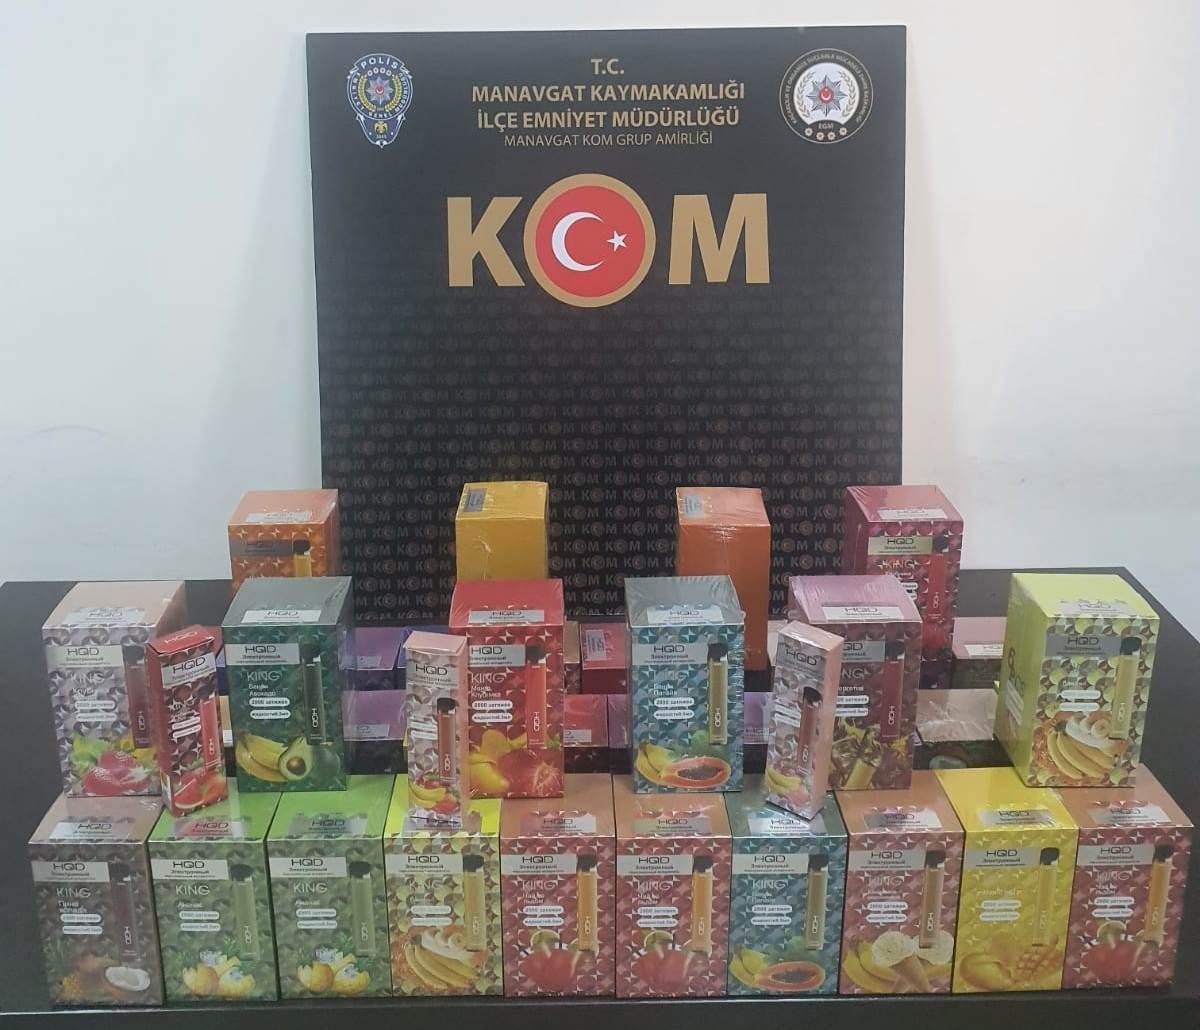 Manavgat'ta araç içerisinde 237 adet gümrük kaçağı elektronik sigara ele geçirildi